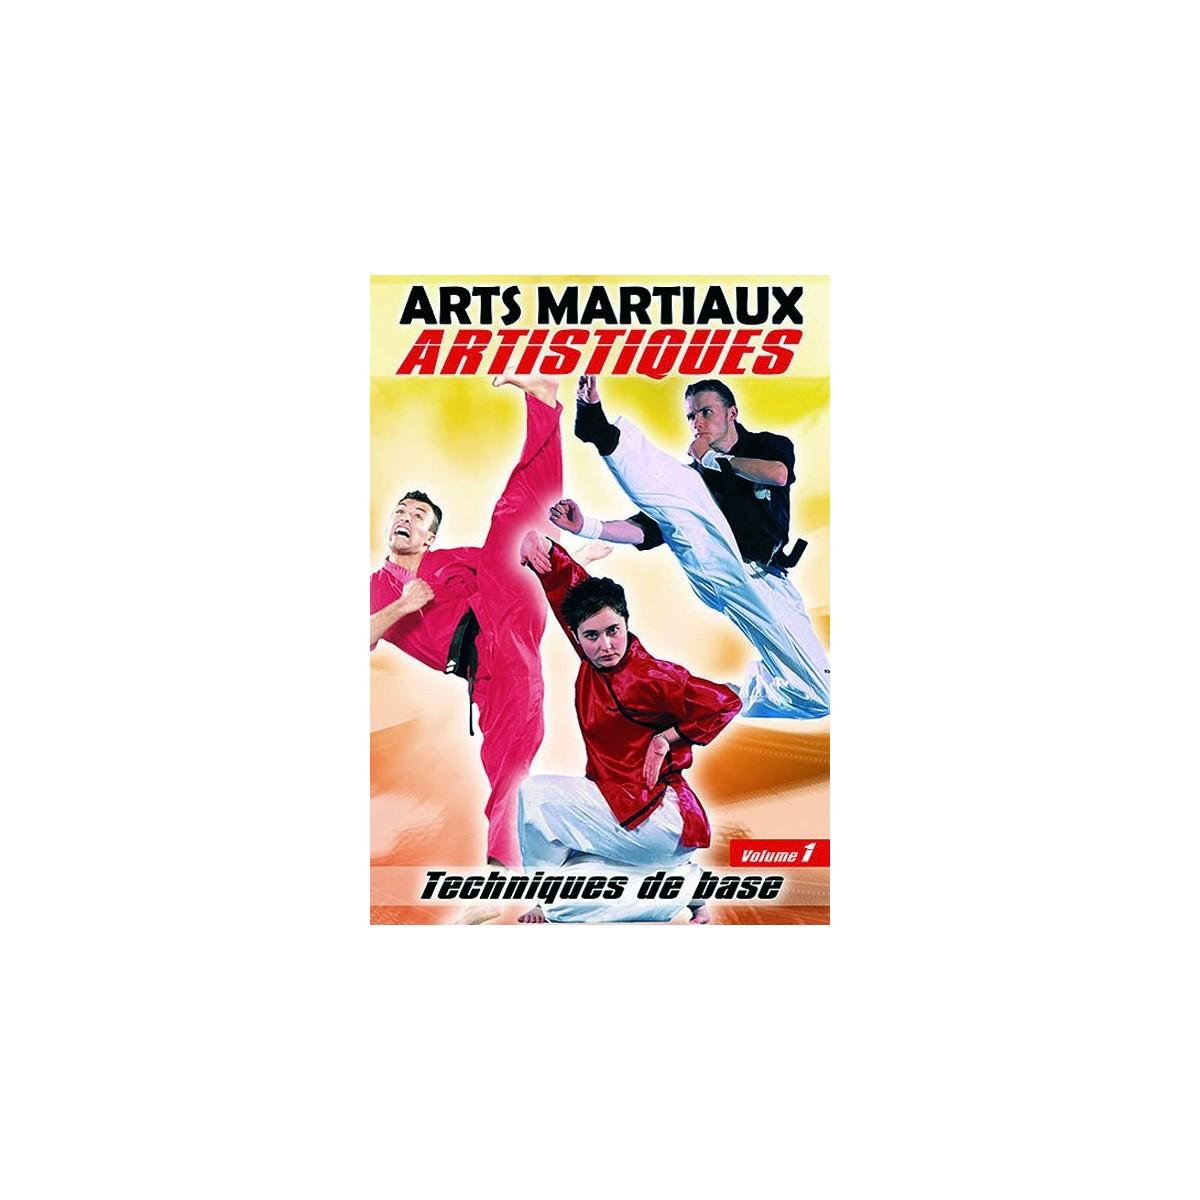 Dvd arts martiaux artistiques for Art martiaux